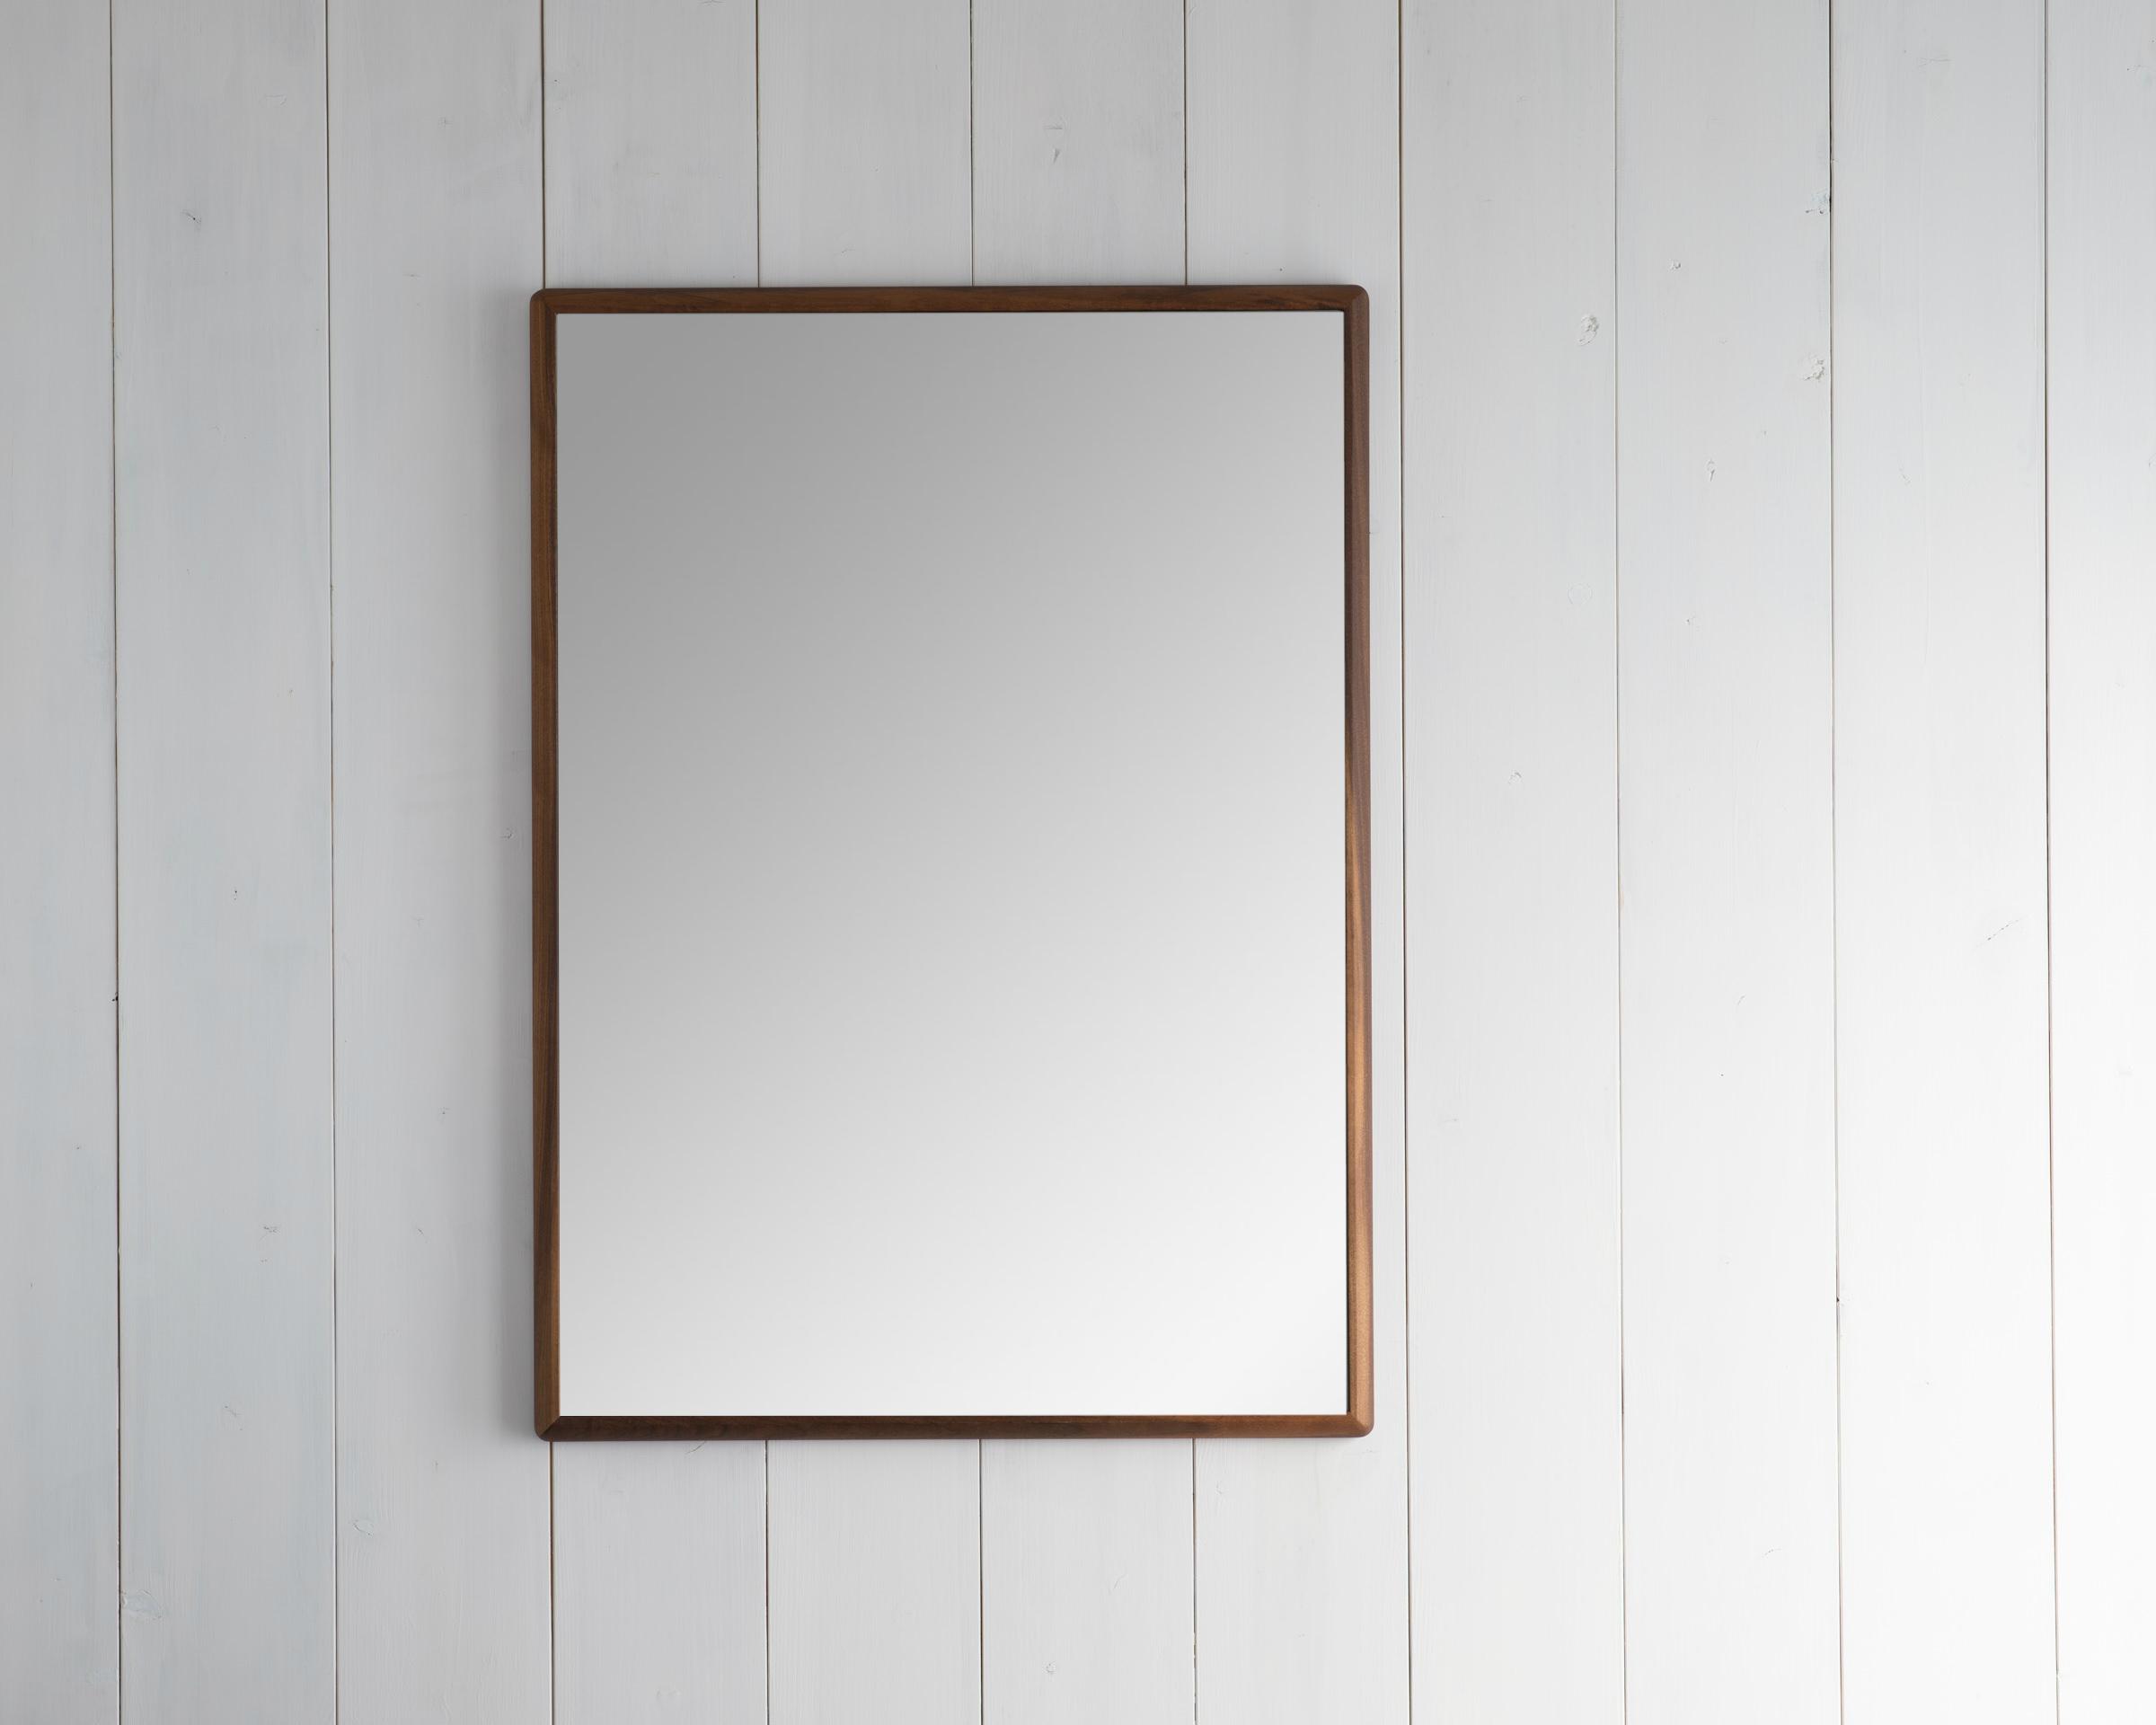 ステラ ウォールミラー ウォールナット W642×882 クリアー 壁掛け 全身 鏡 アンティーク調 日本製